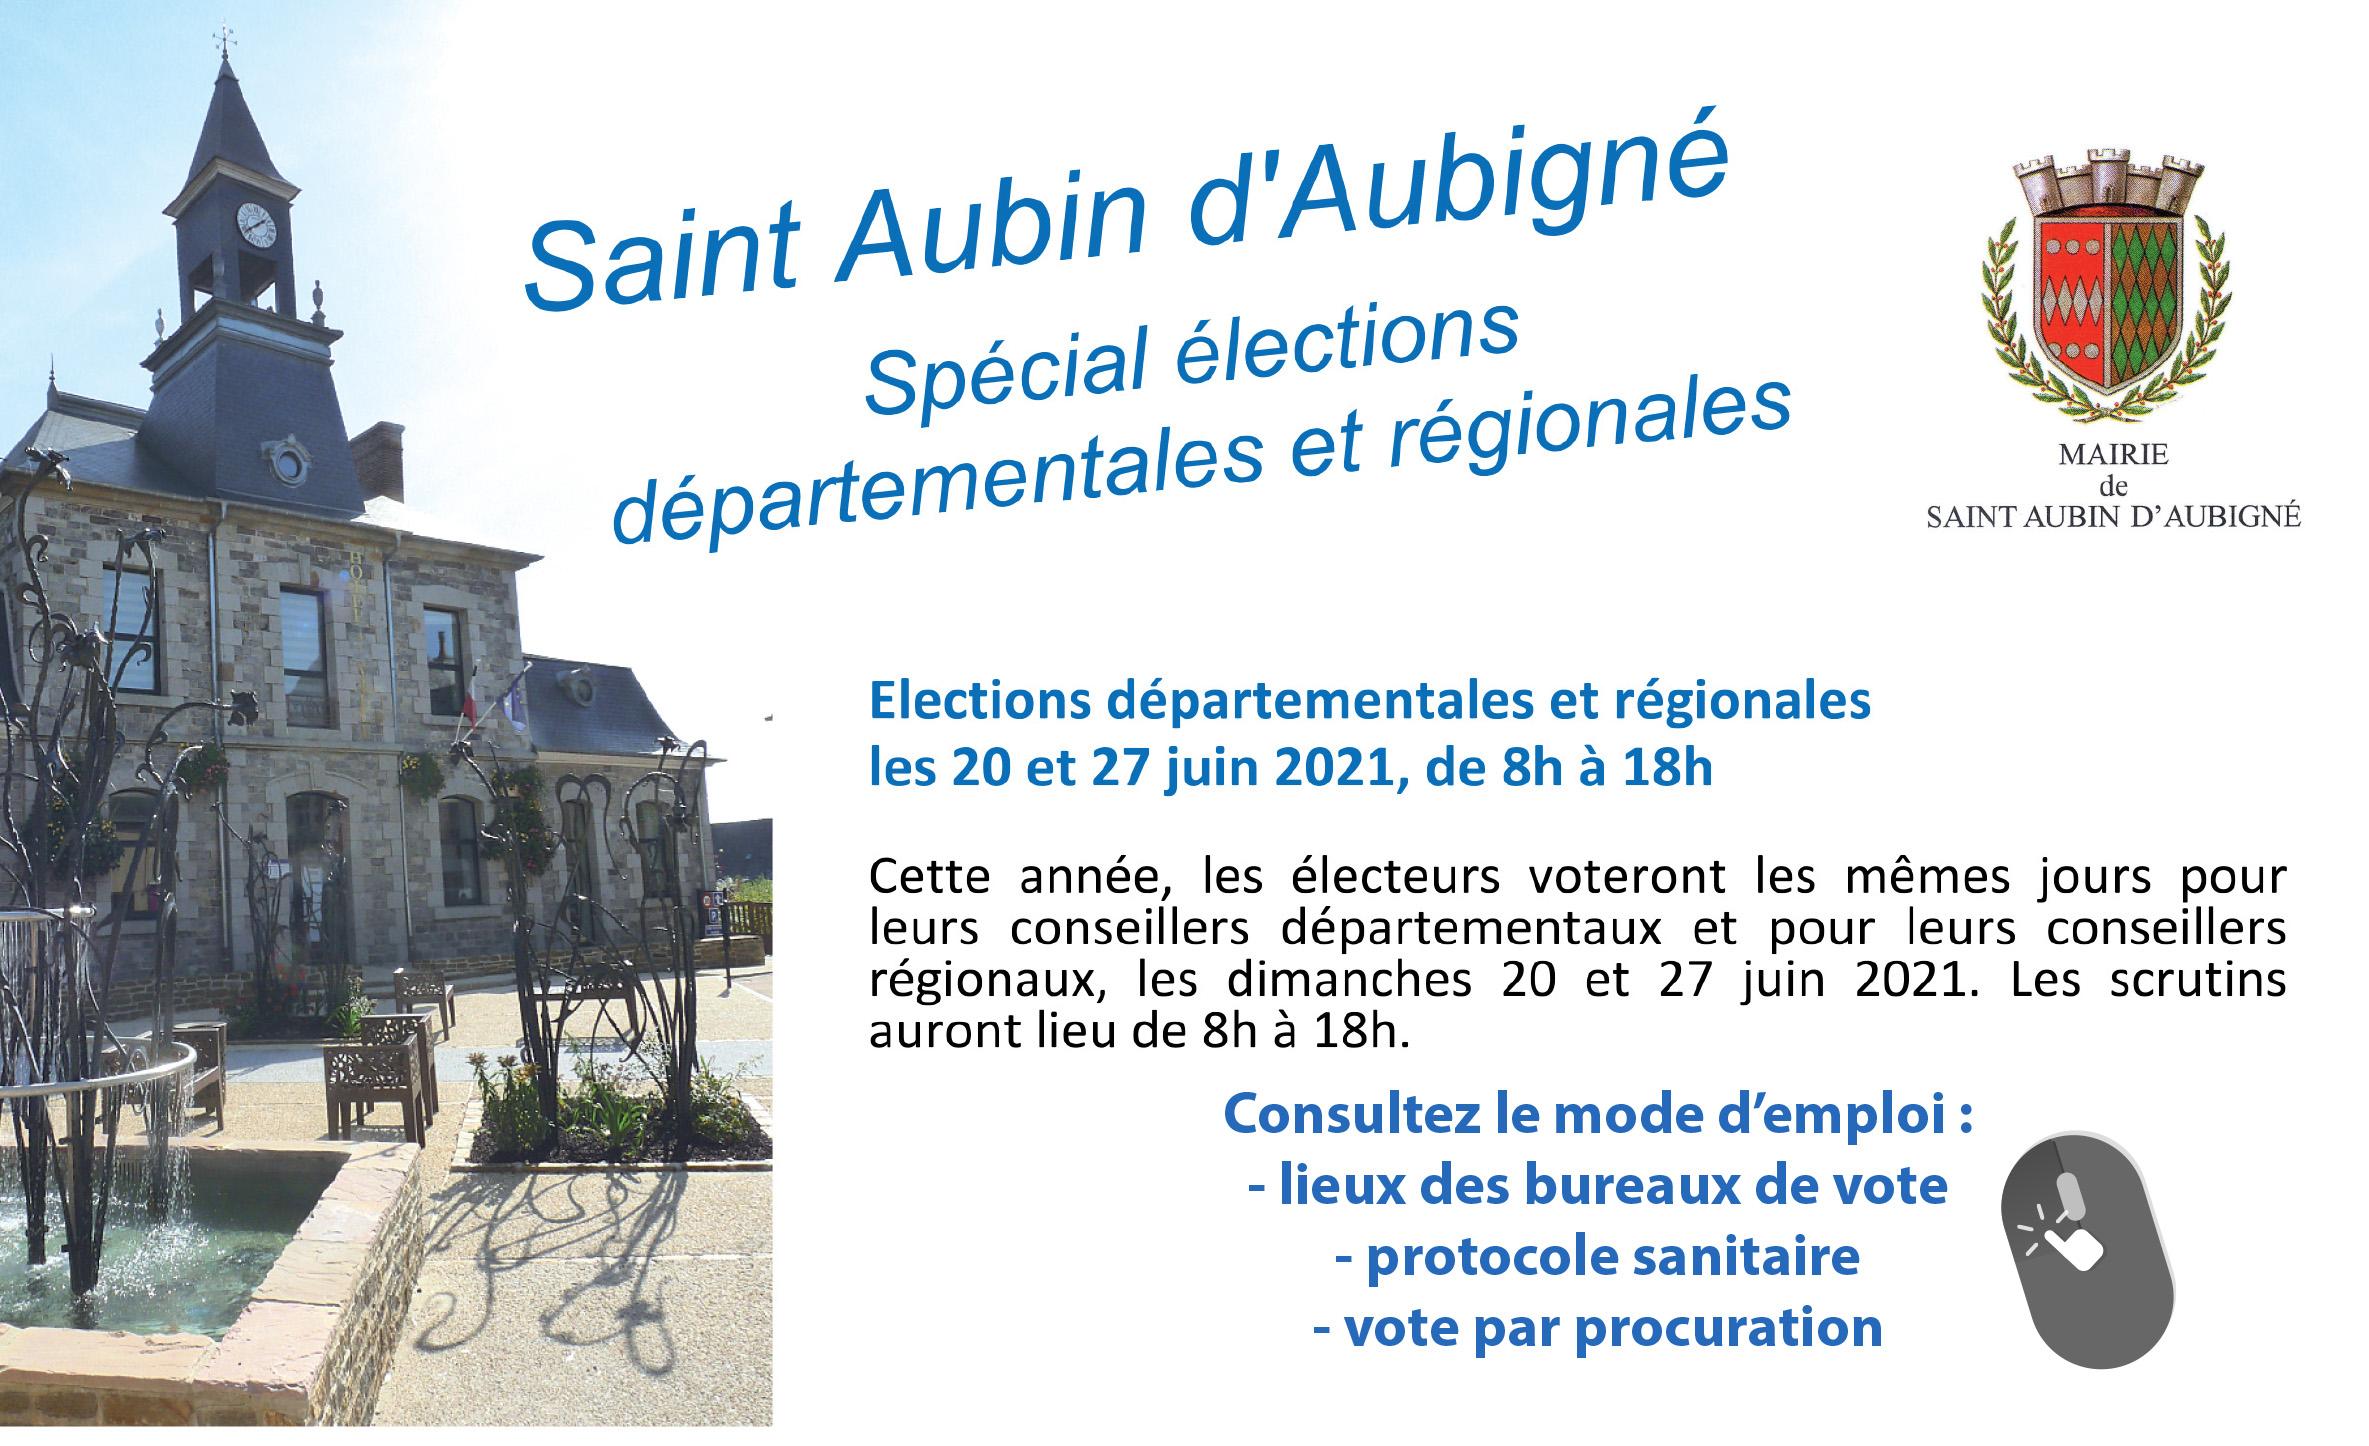 Elections départementales et régionales les 20 et 27 juin 2021, de 8h à 18h